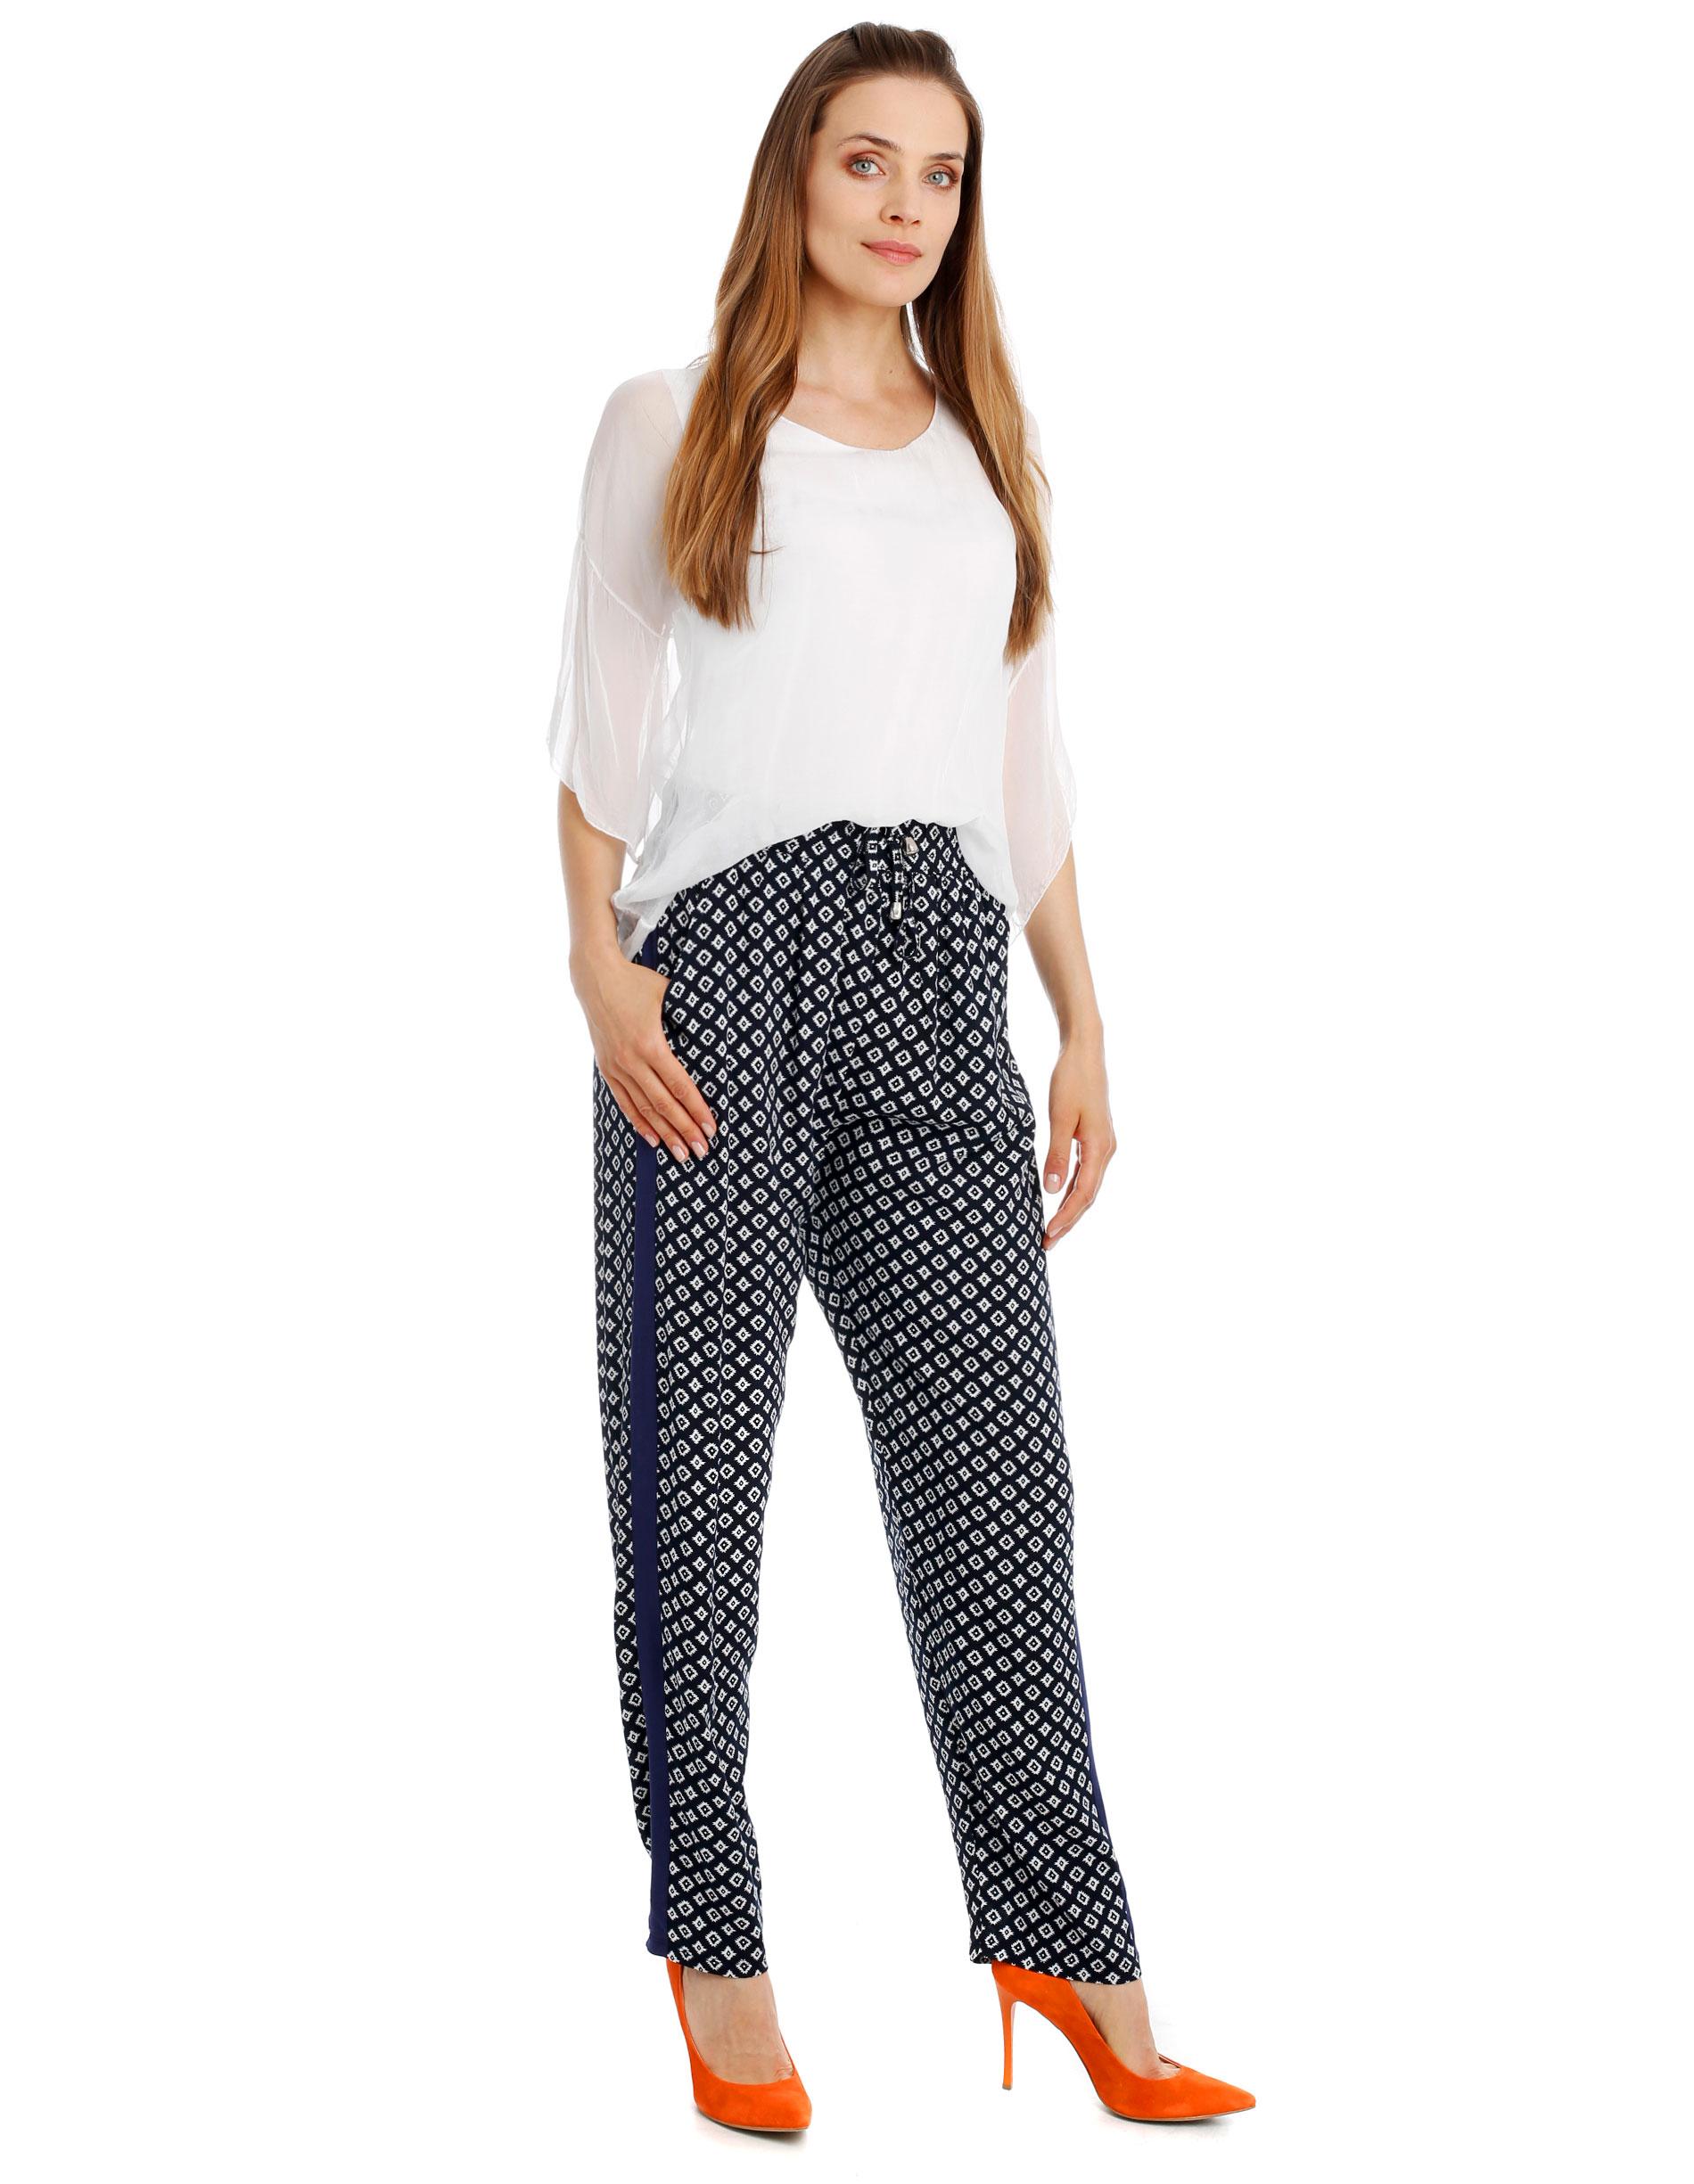 Spodnie - 91-1032 BLU - Unisono